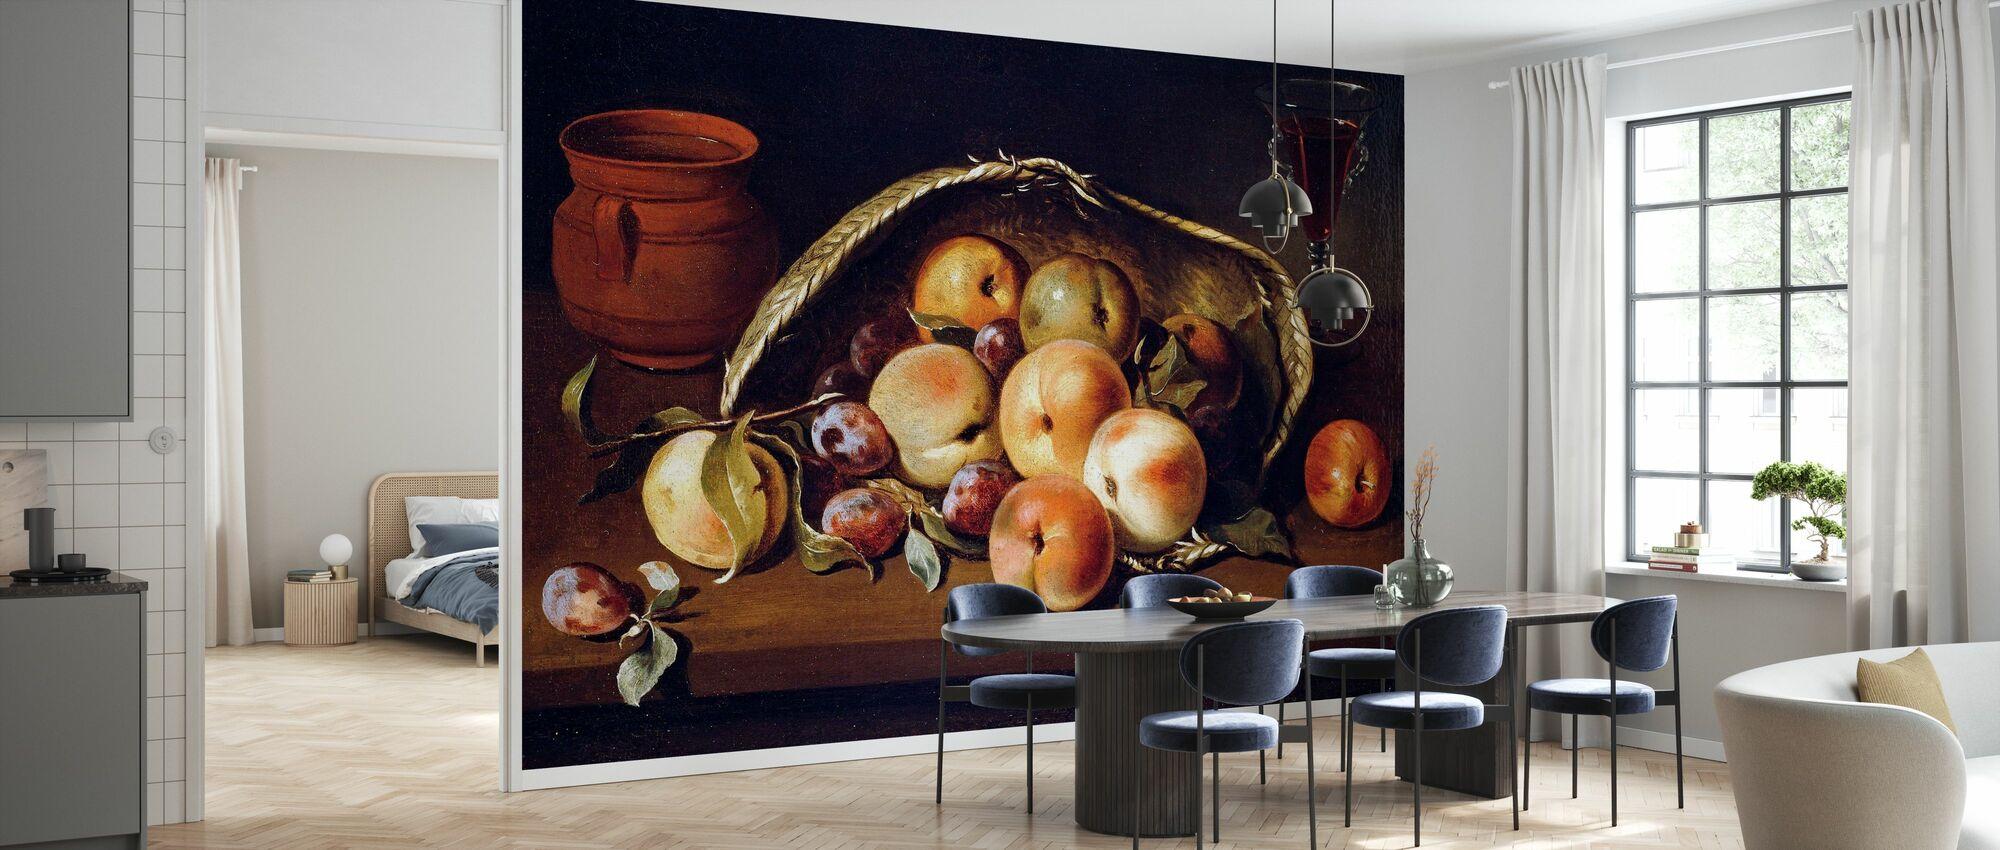 Korb mit Pfirsichen und Pflaumen - Infographics - Tapete - Küchen